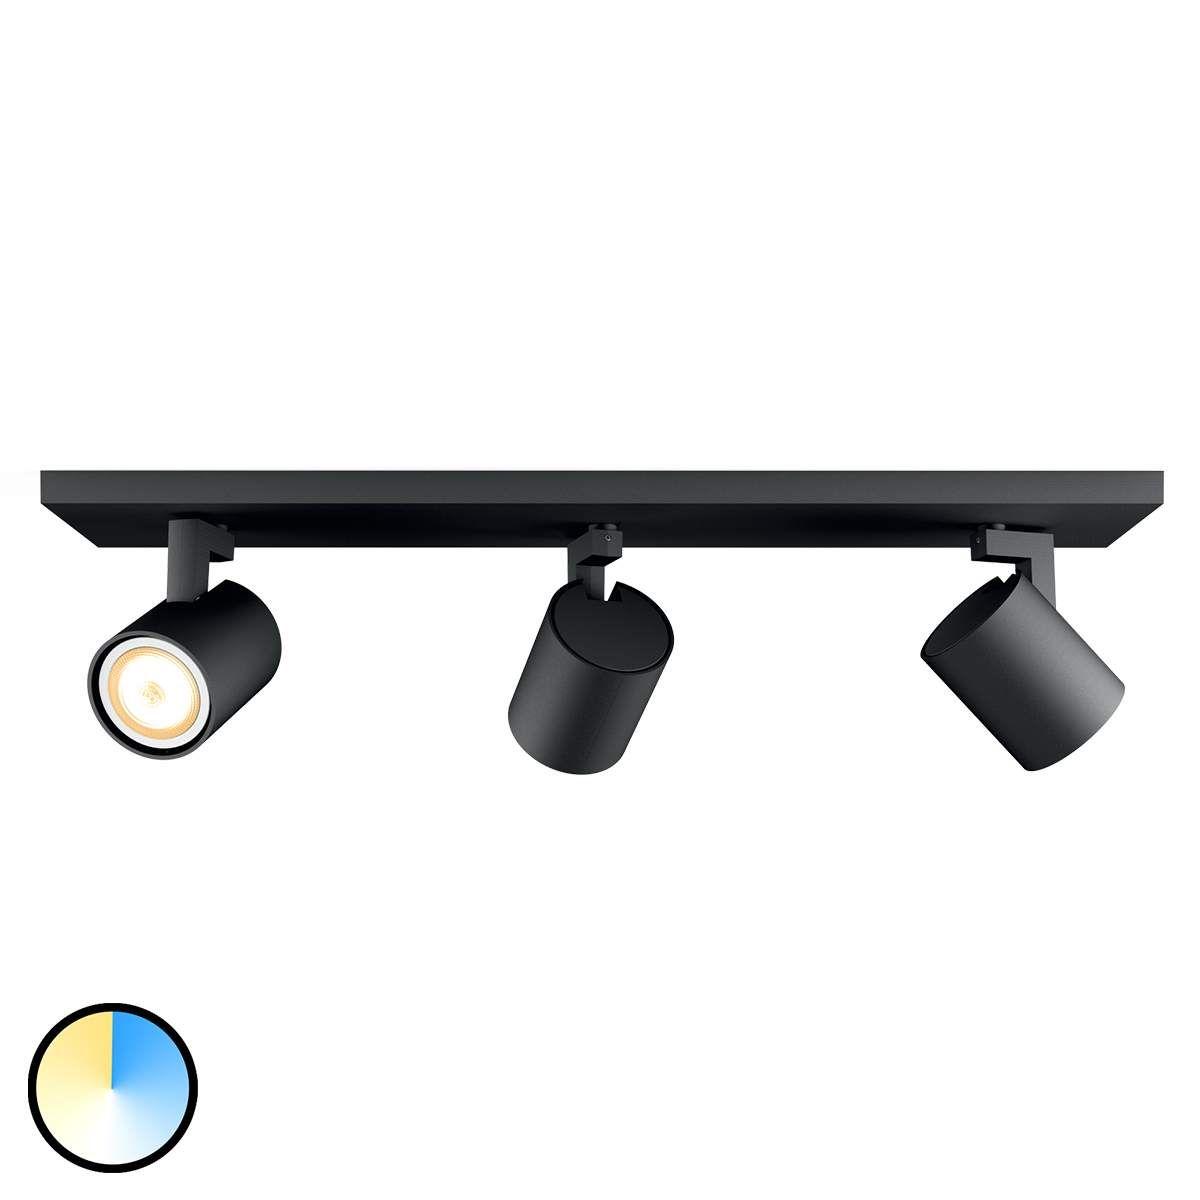 Deckenlampe Led Strahler Deckenlampe Strahler Spot Birne